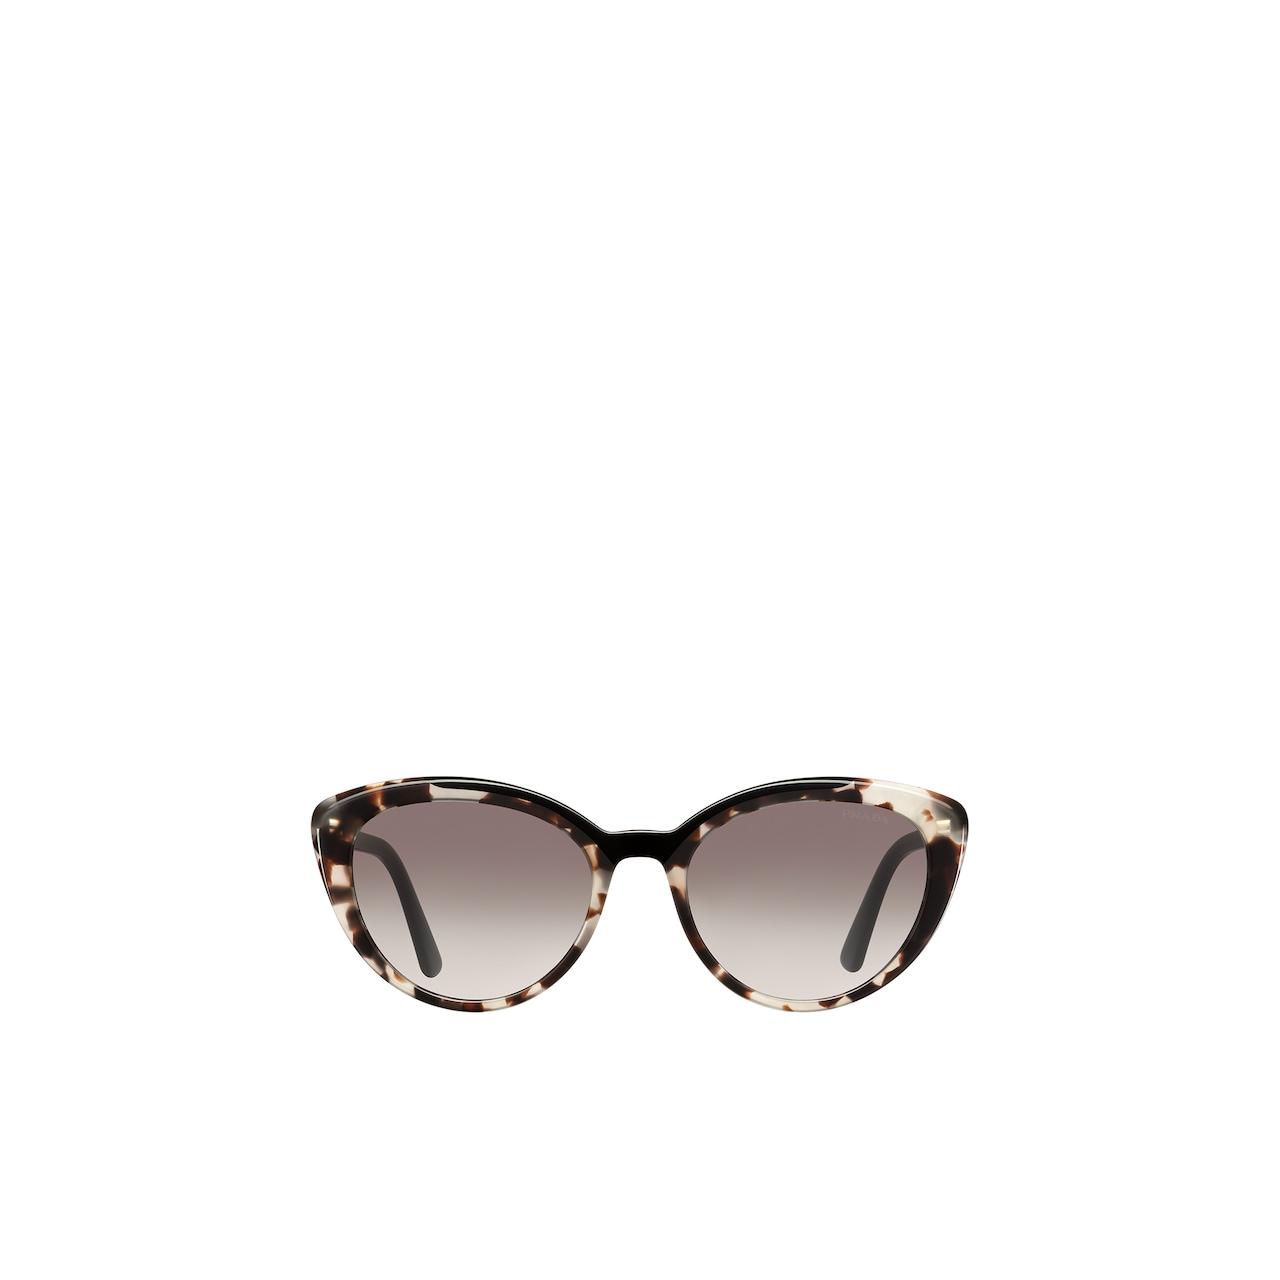 f31757c073d Prada Ultravox sunglasses Alternative fit